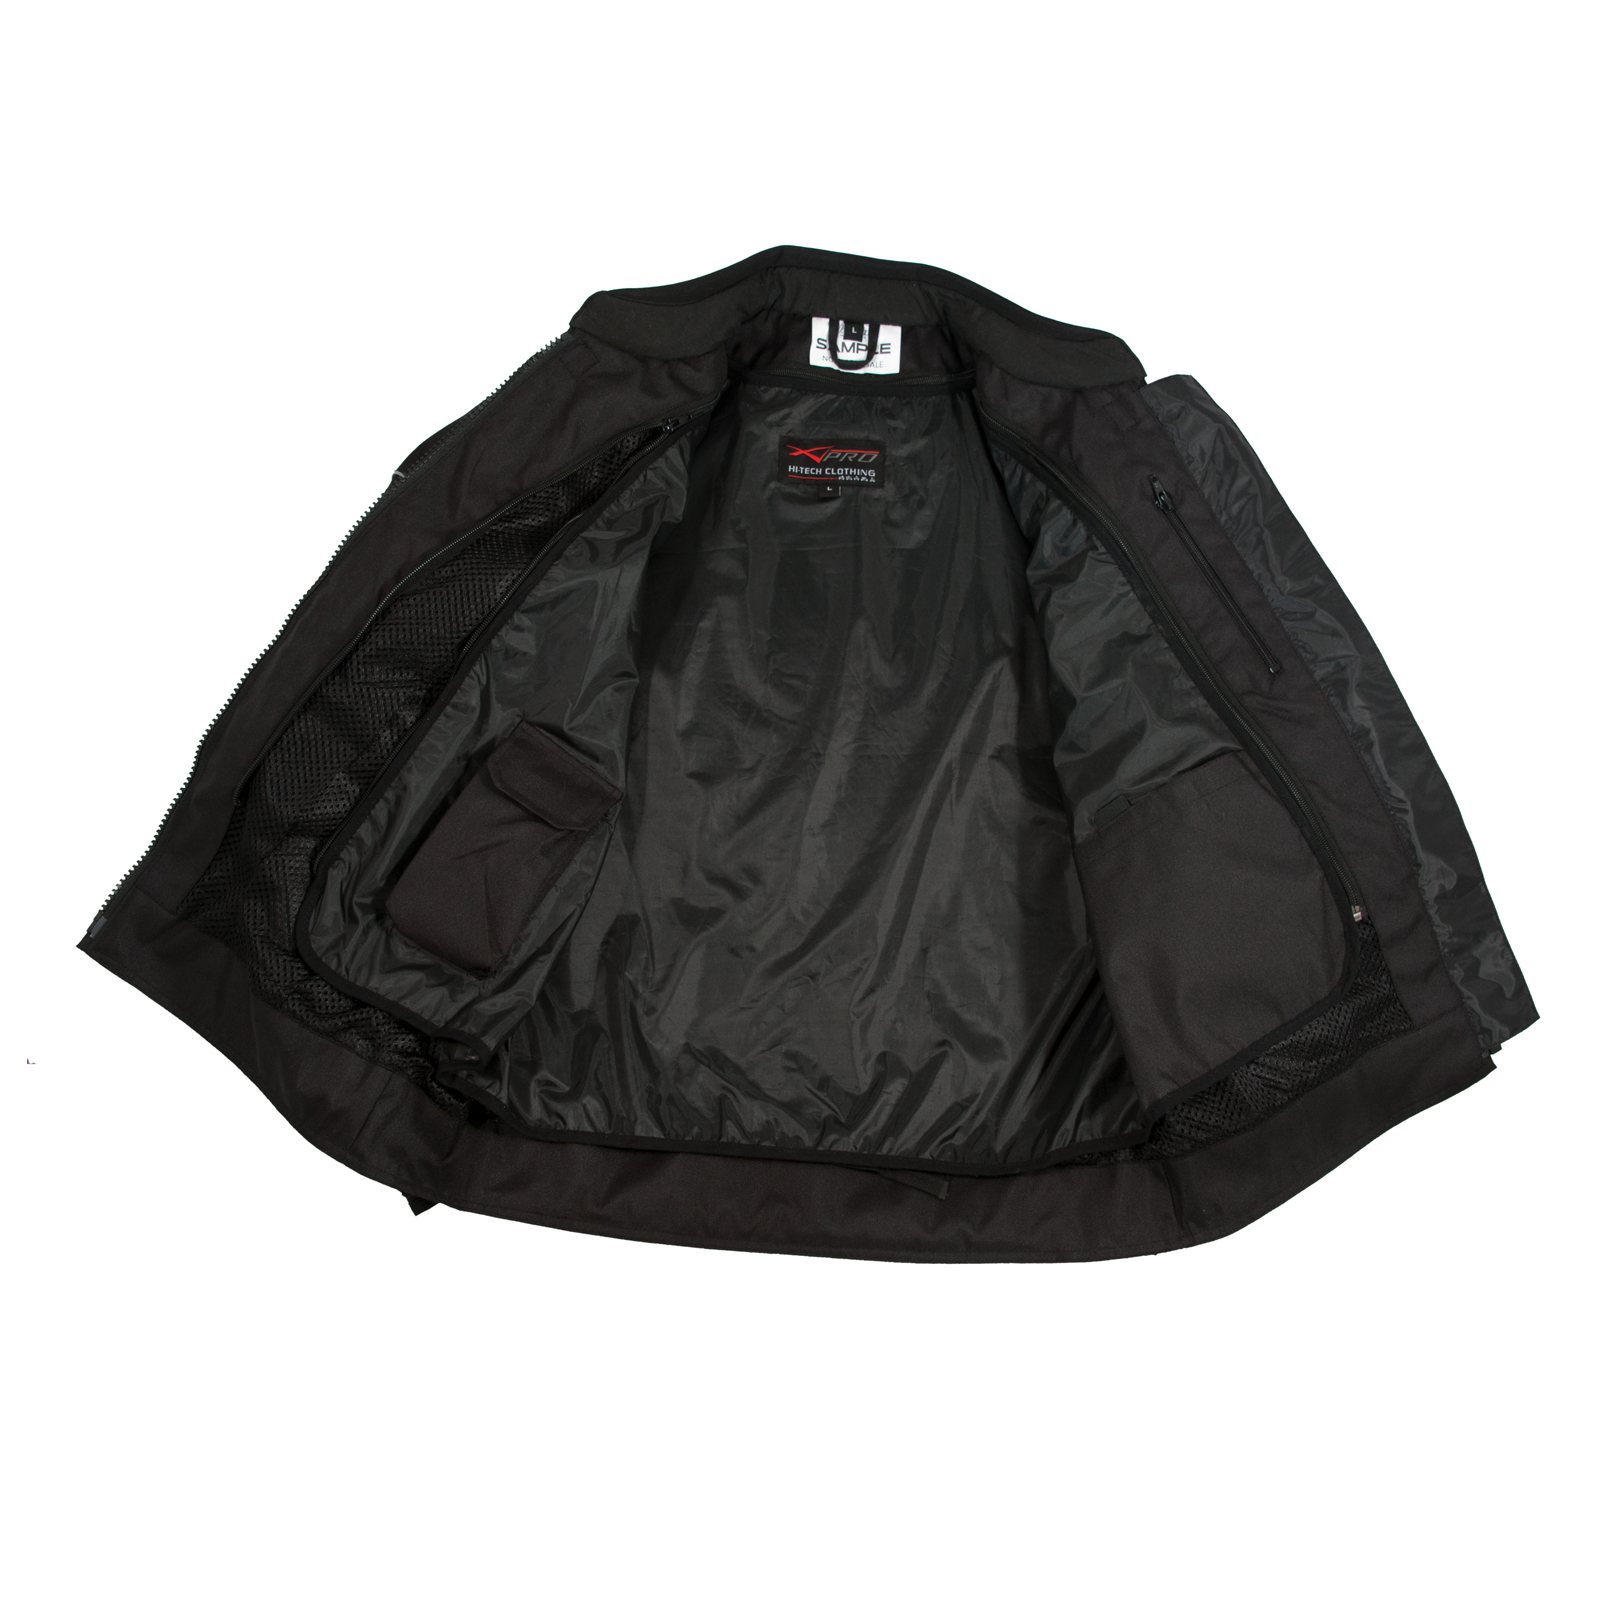 Donna-Giacca-Moto-Tessuto-Impermeabile-Traspirante-Riflettente-Fluo